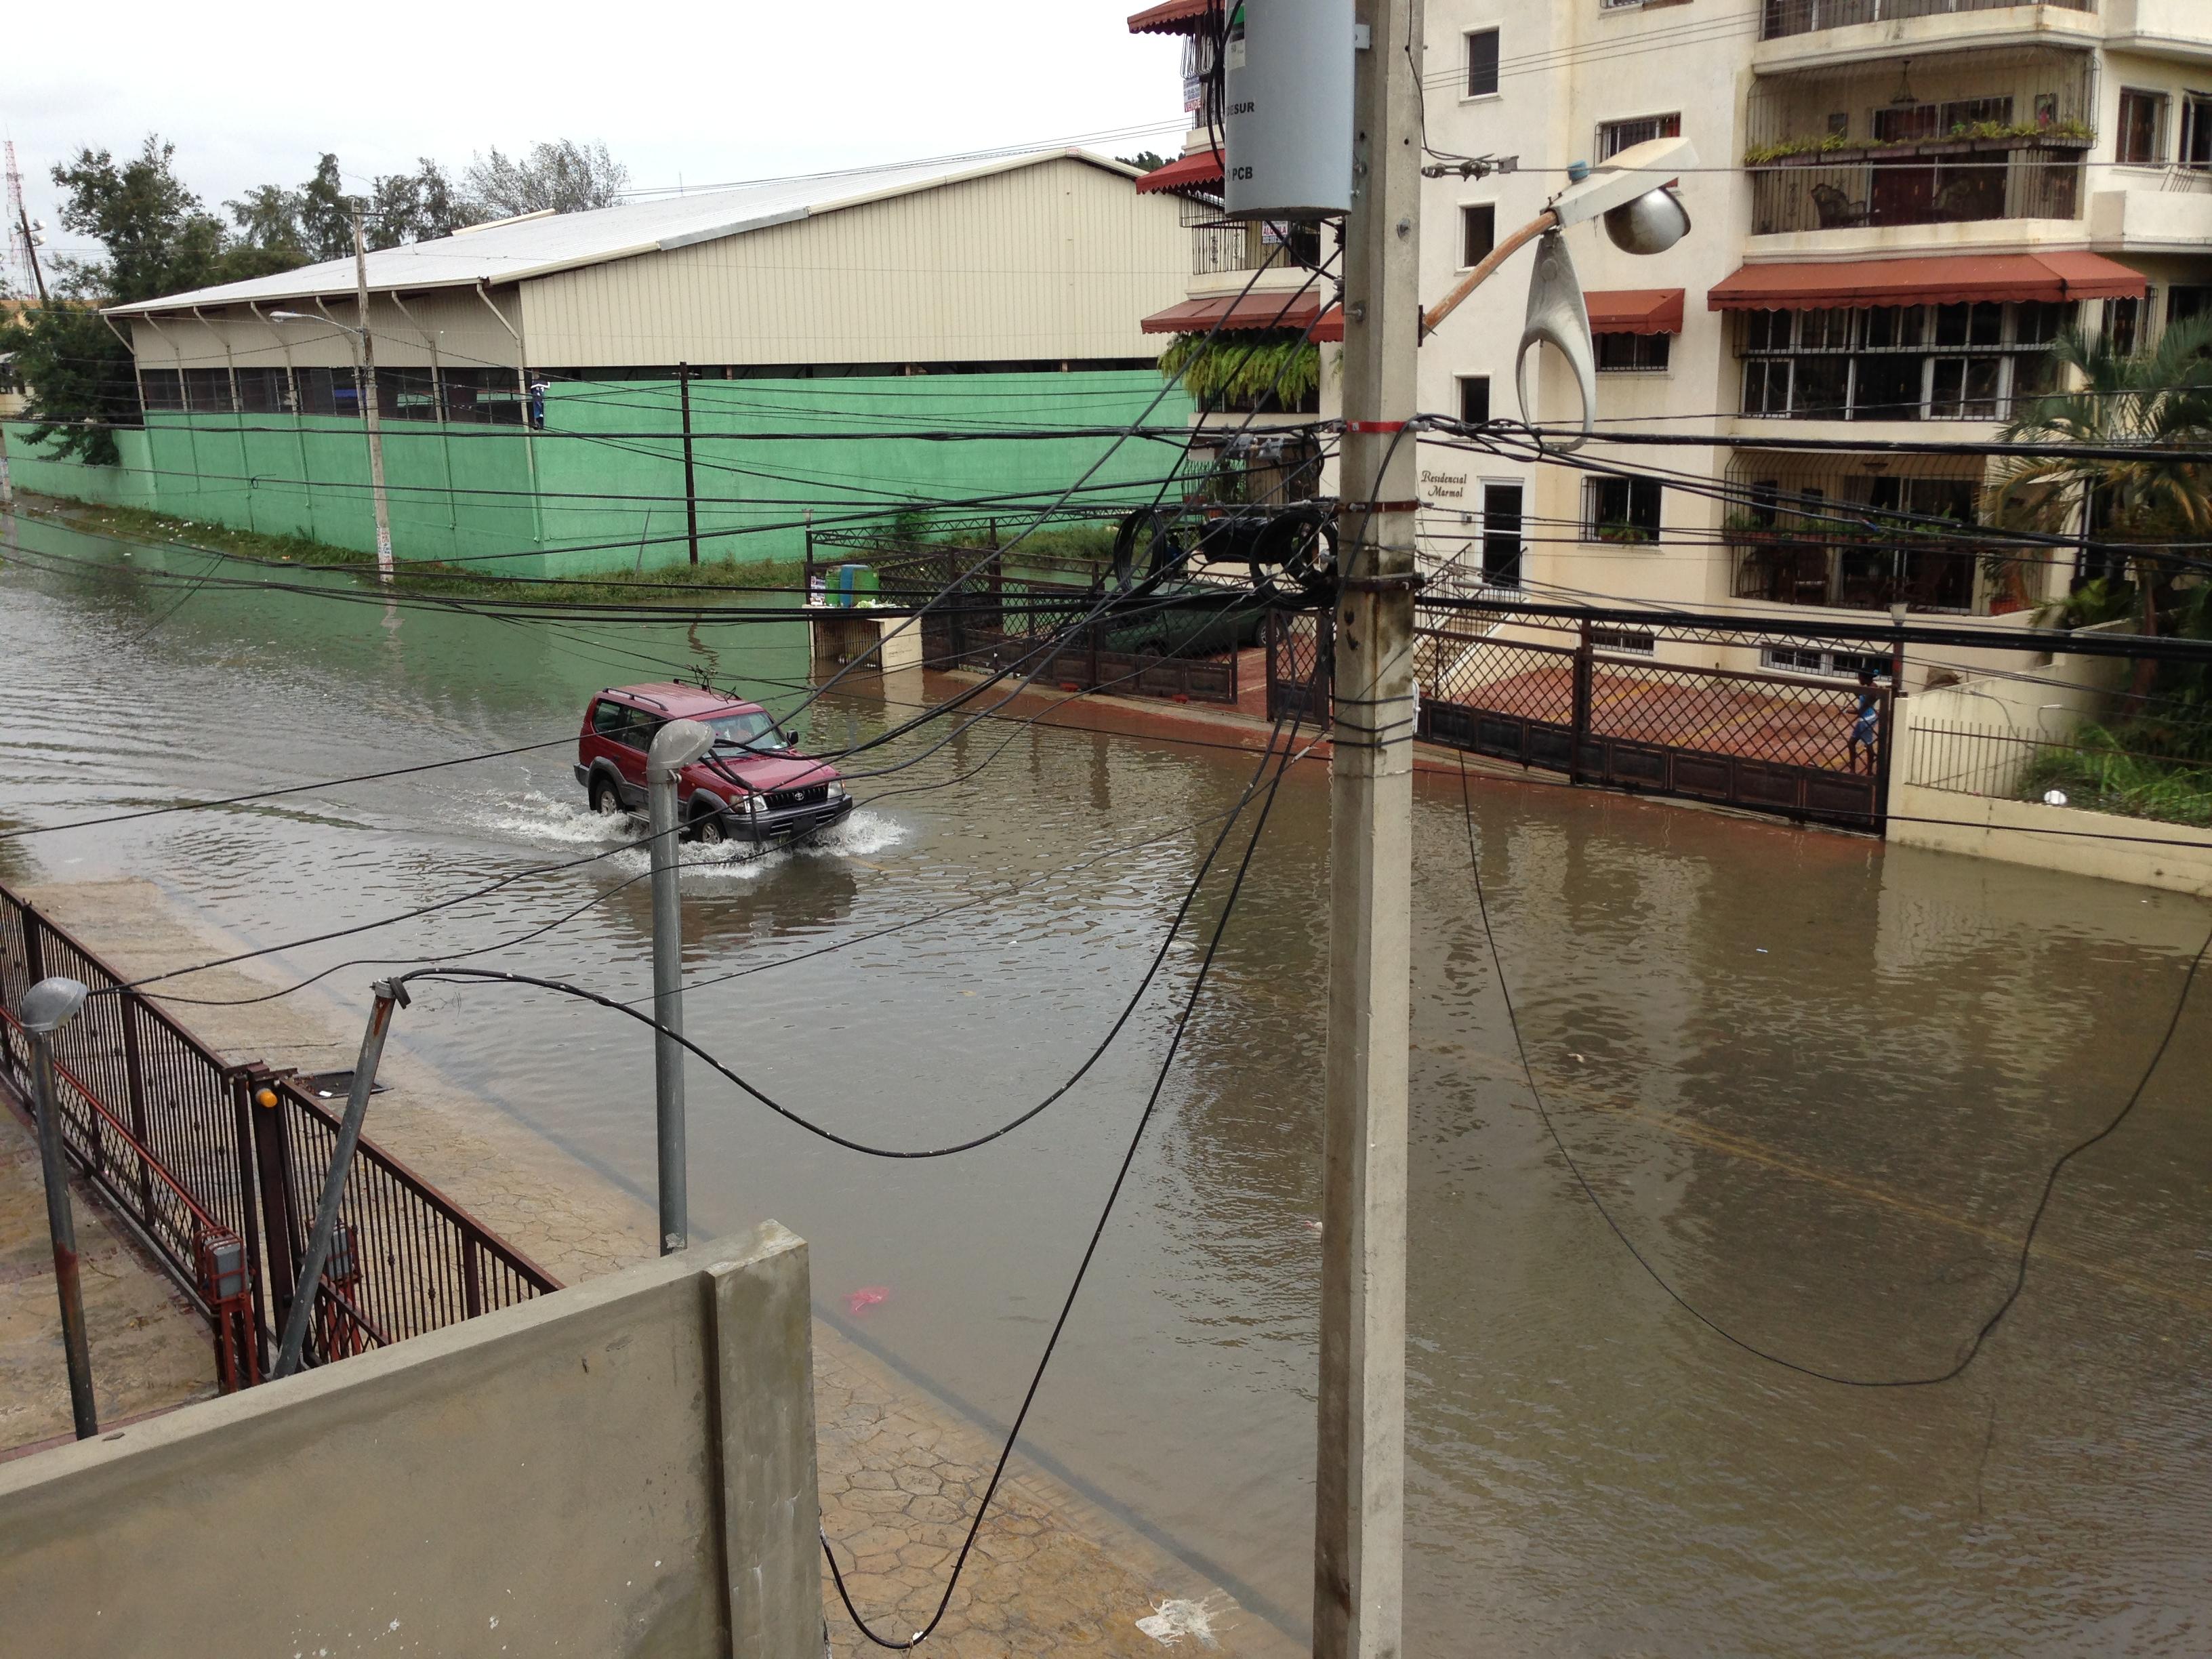 Residentes en Los Prados se quejan por agua estancada cuando llueve